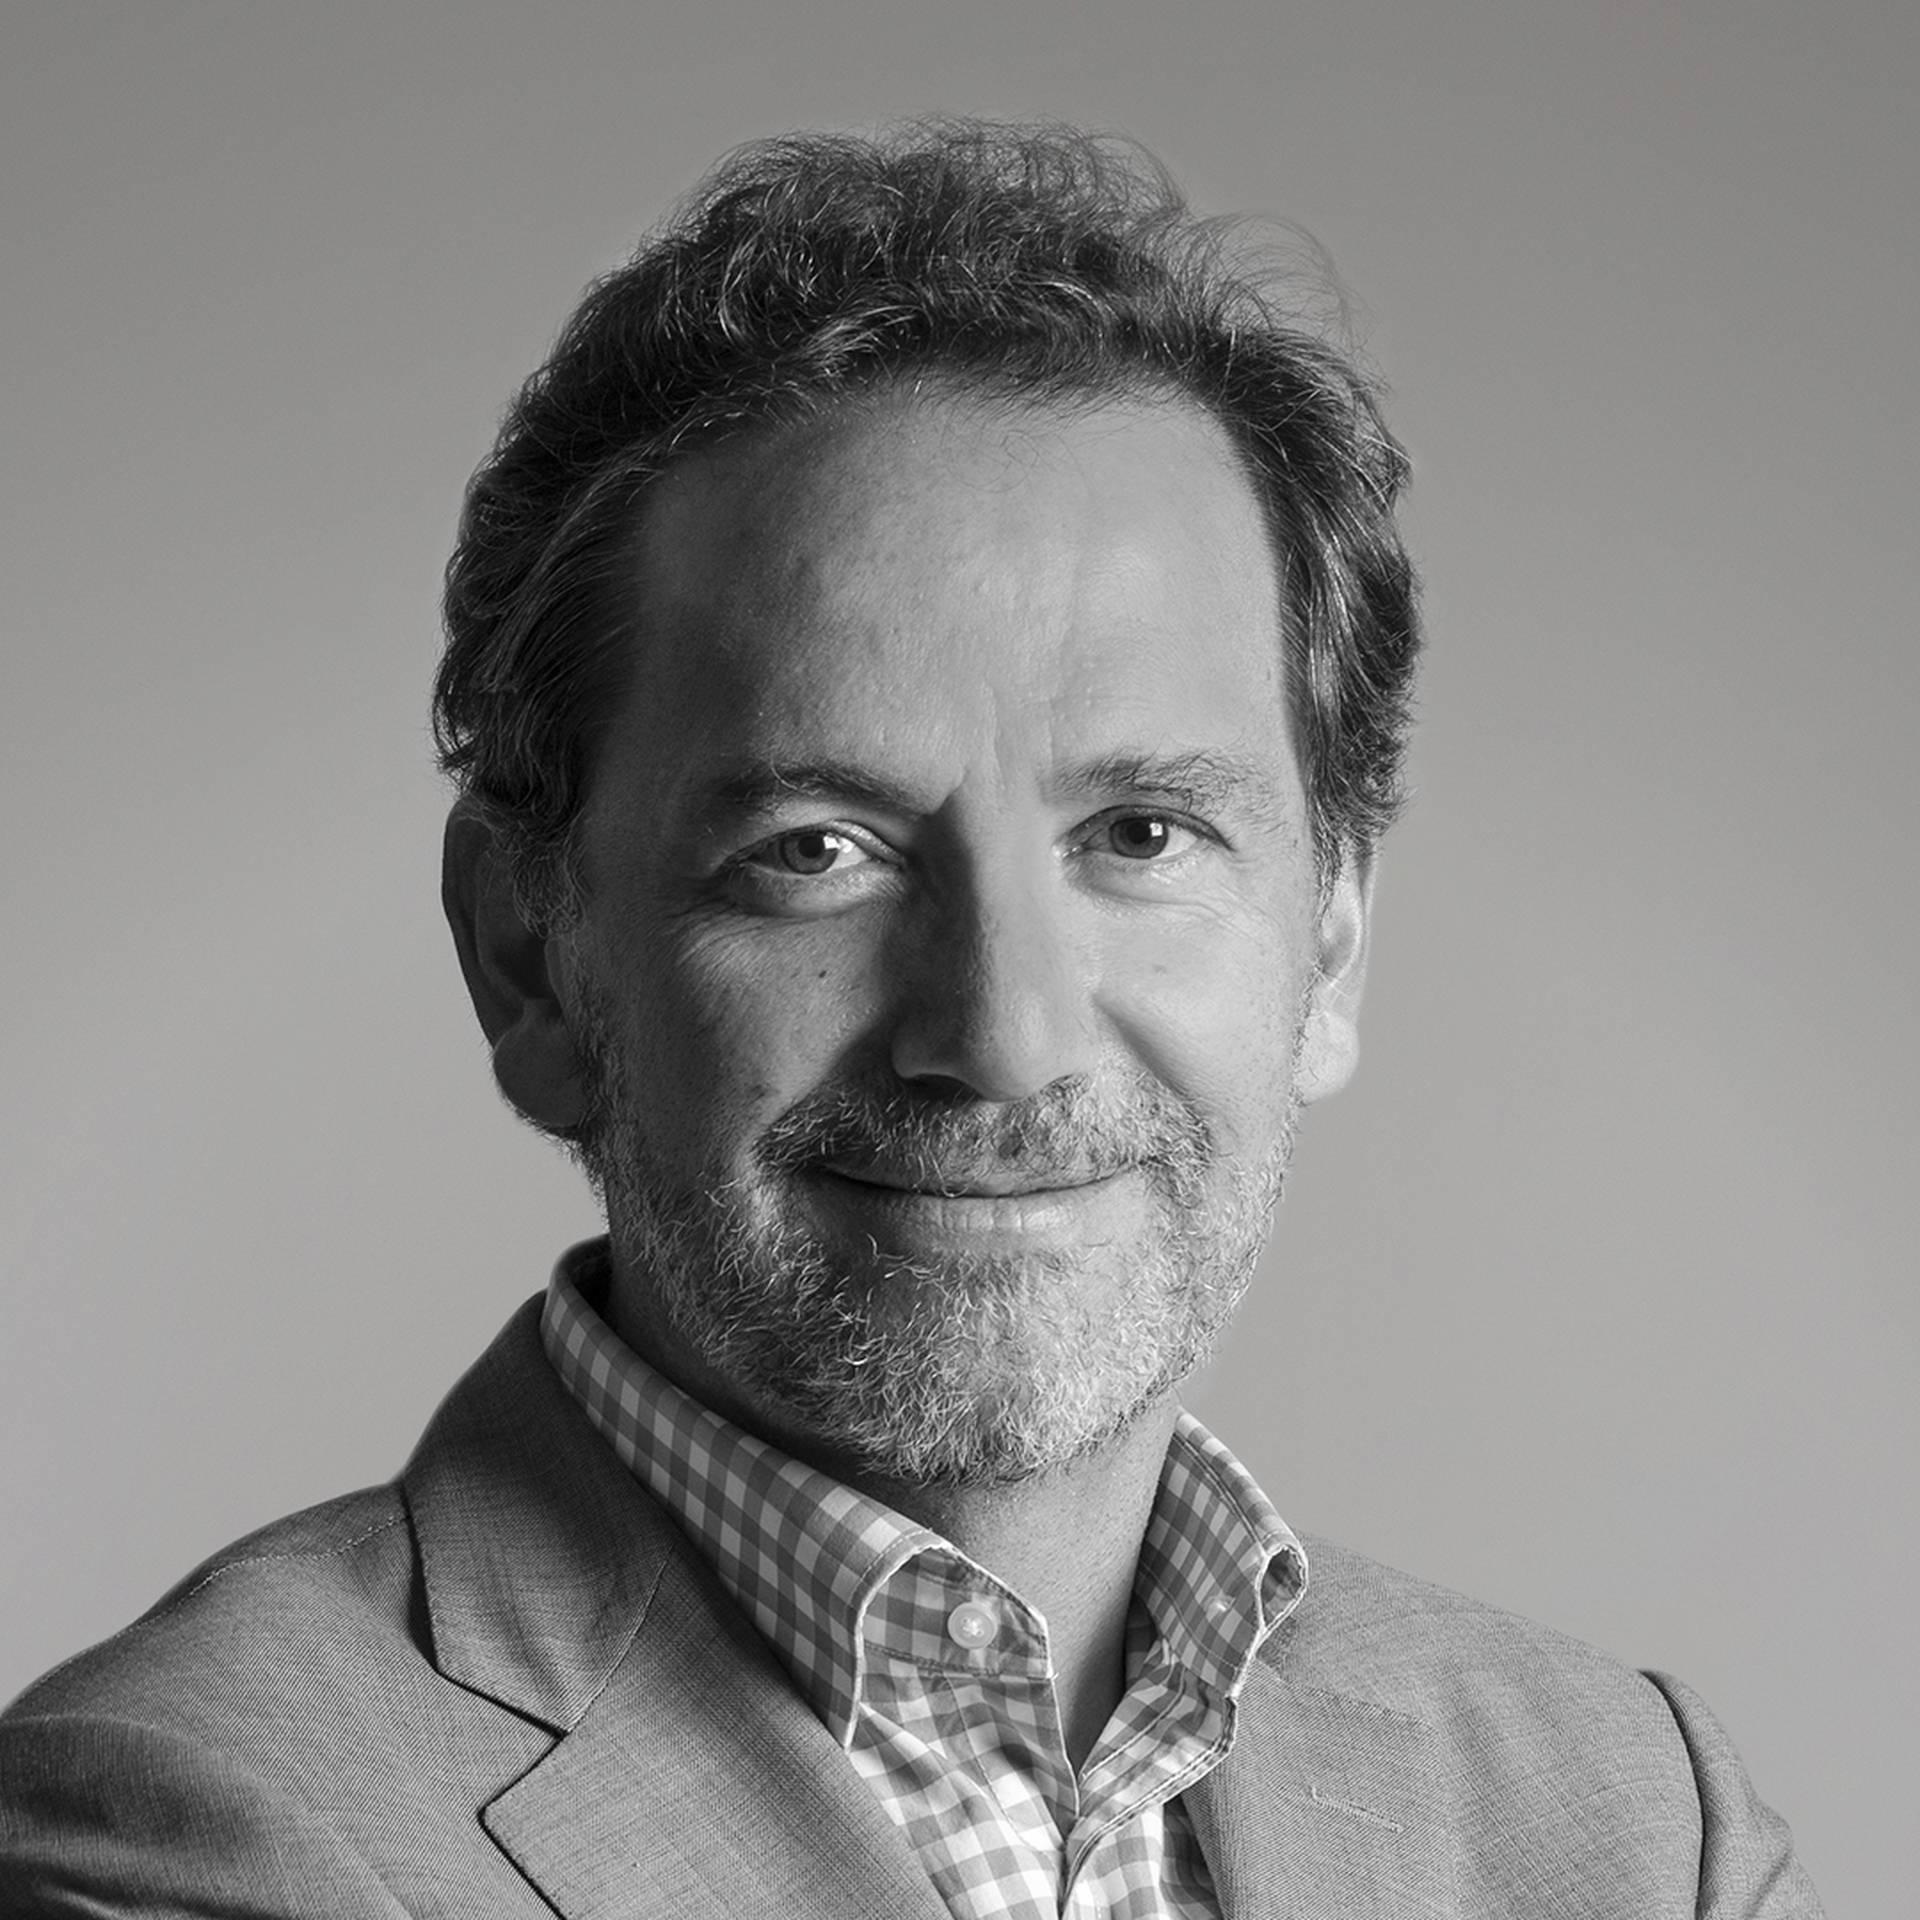 Camilo Granada